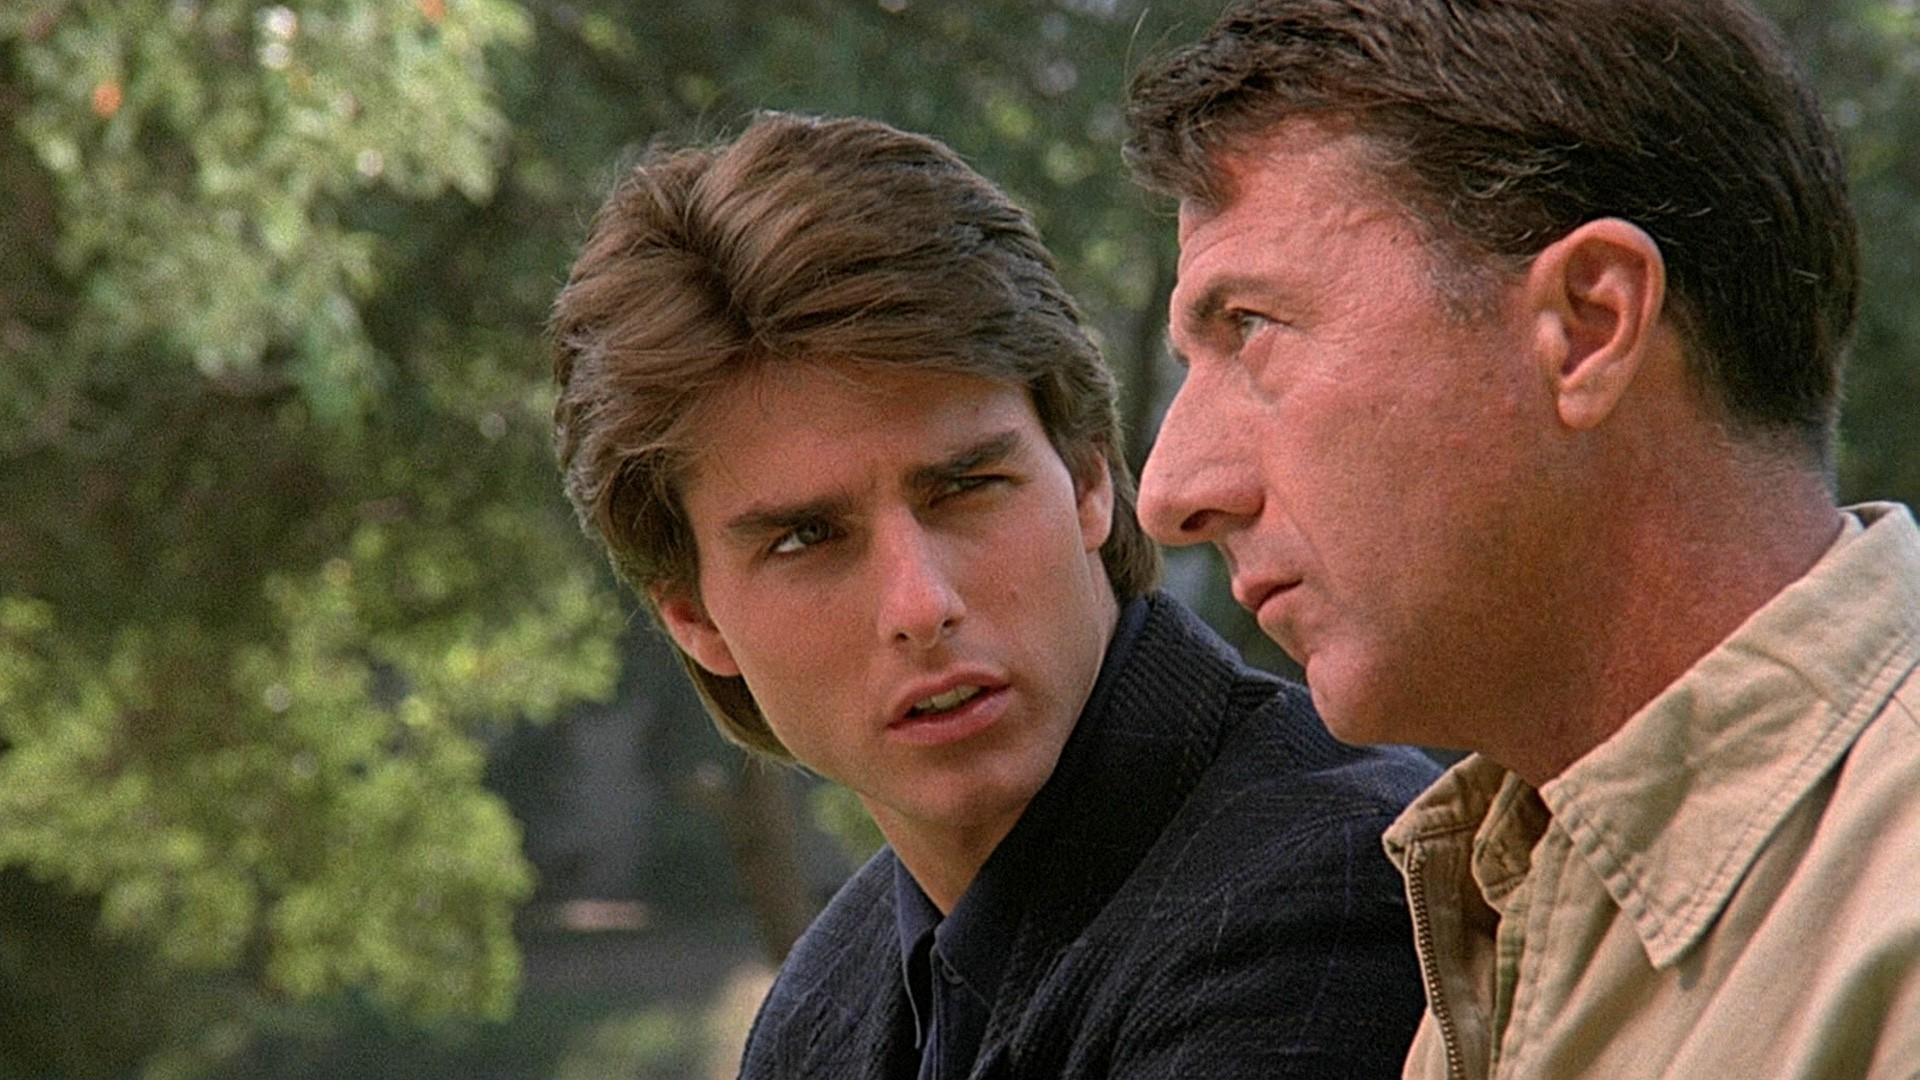 5 bộ phim sẽ khiến bạn mê chú đẹp Tom Cruise ngay lập tức - Ảnh 7.